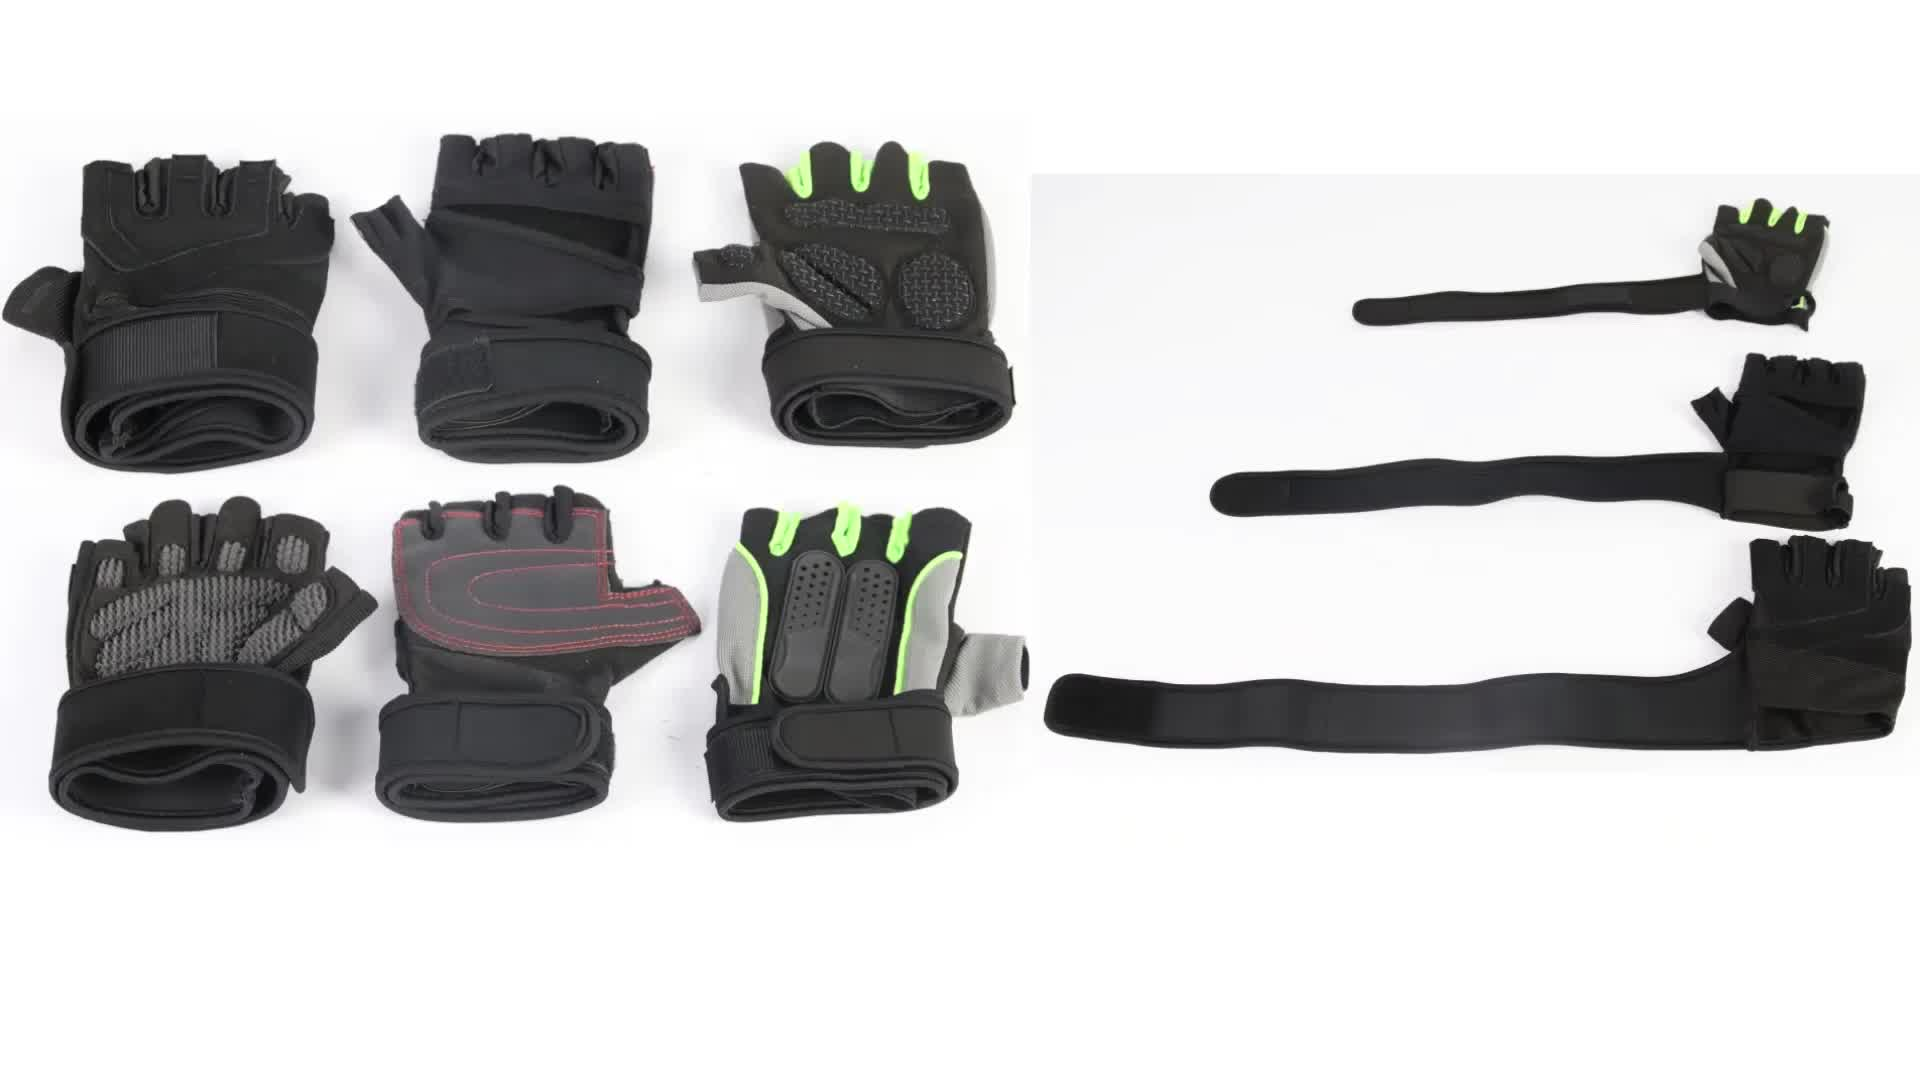 Fitnesshandschuhe für Fitnessgeräte für Kettle-Bell